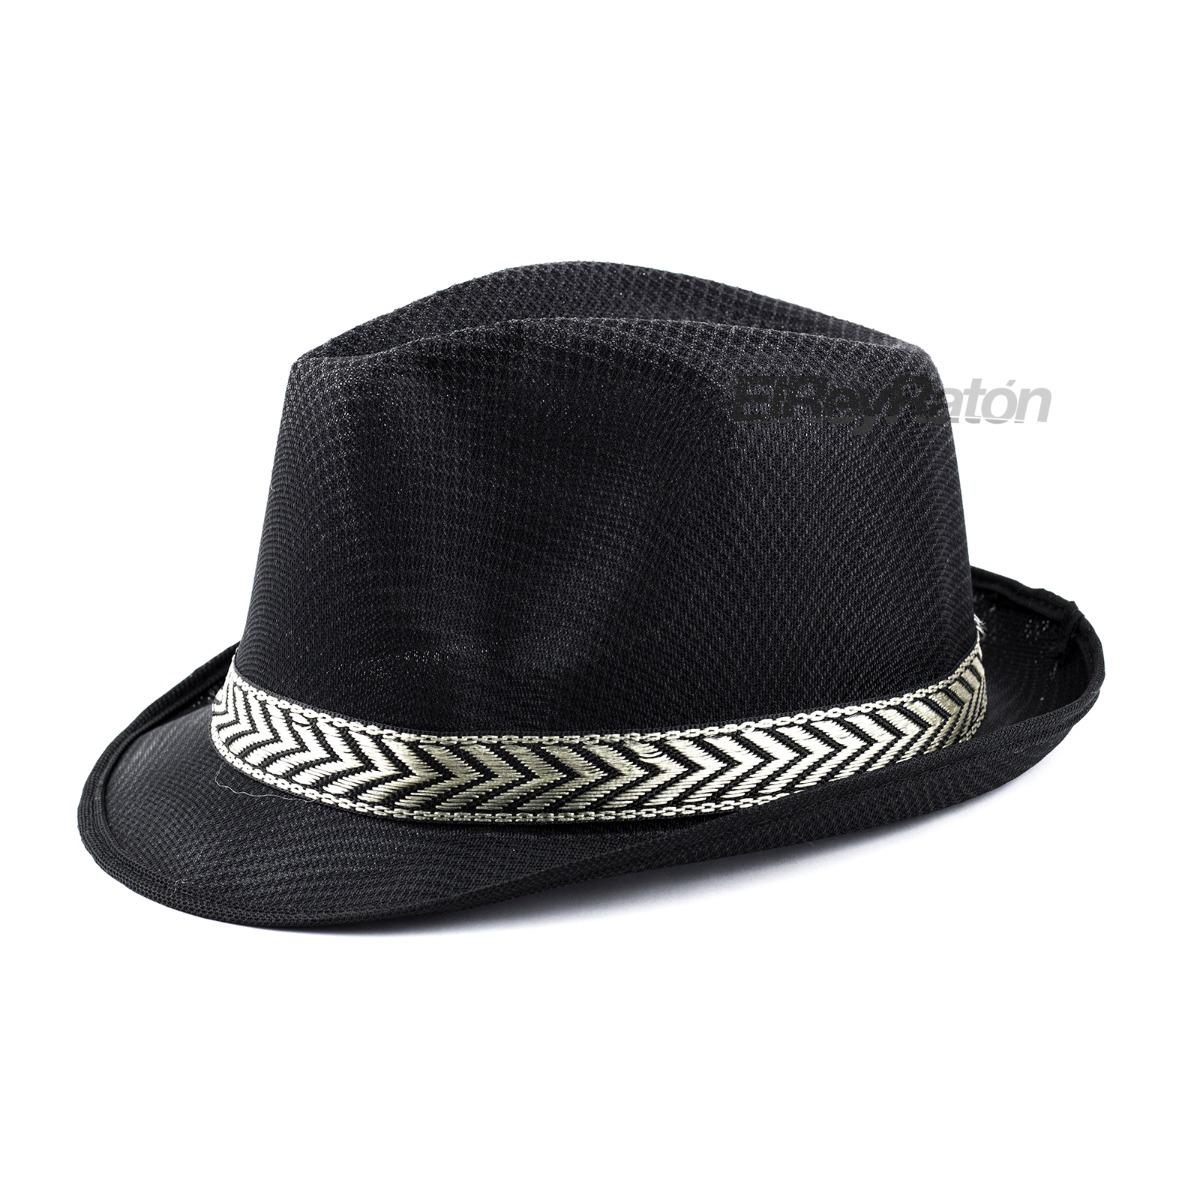 Sombrero Fedora De Tela Diferentes Colores -   49.00 en Mercado Libre e1ce0ea5478f